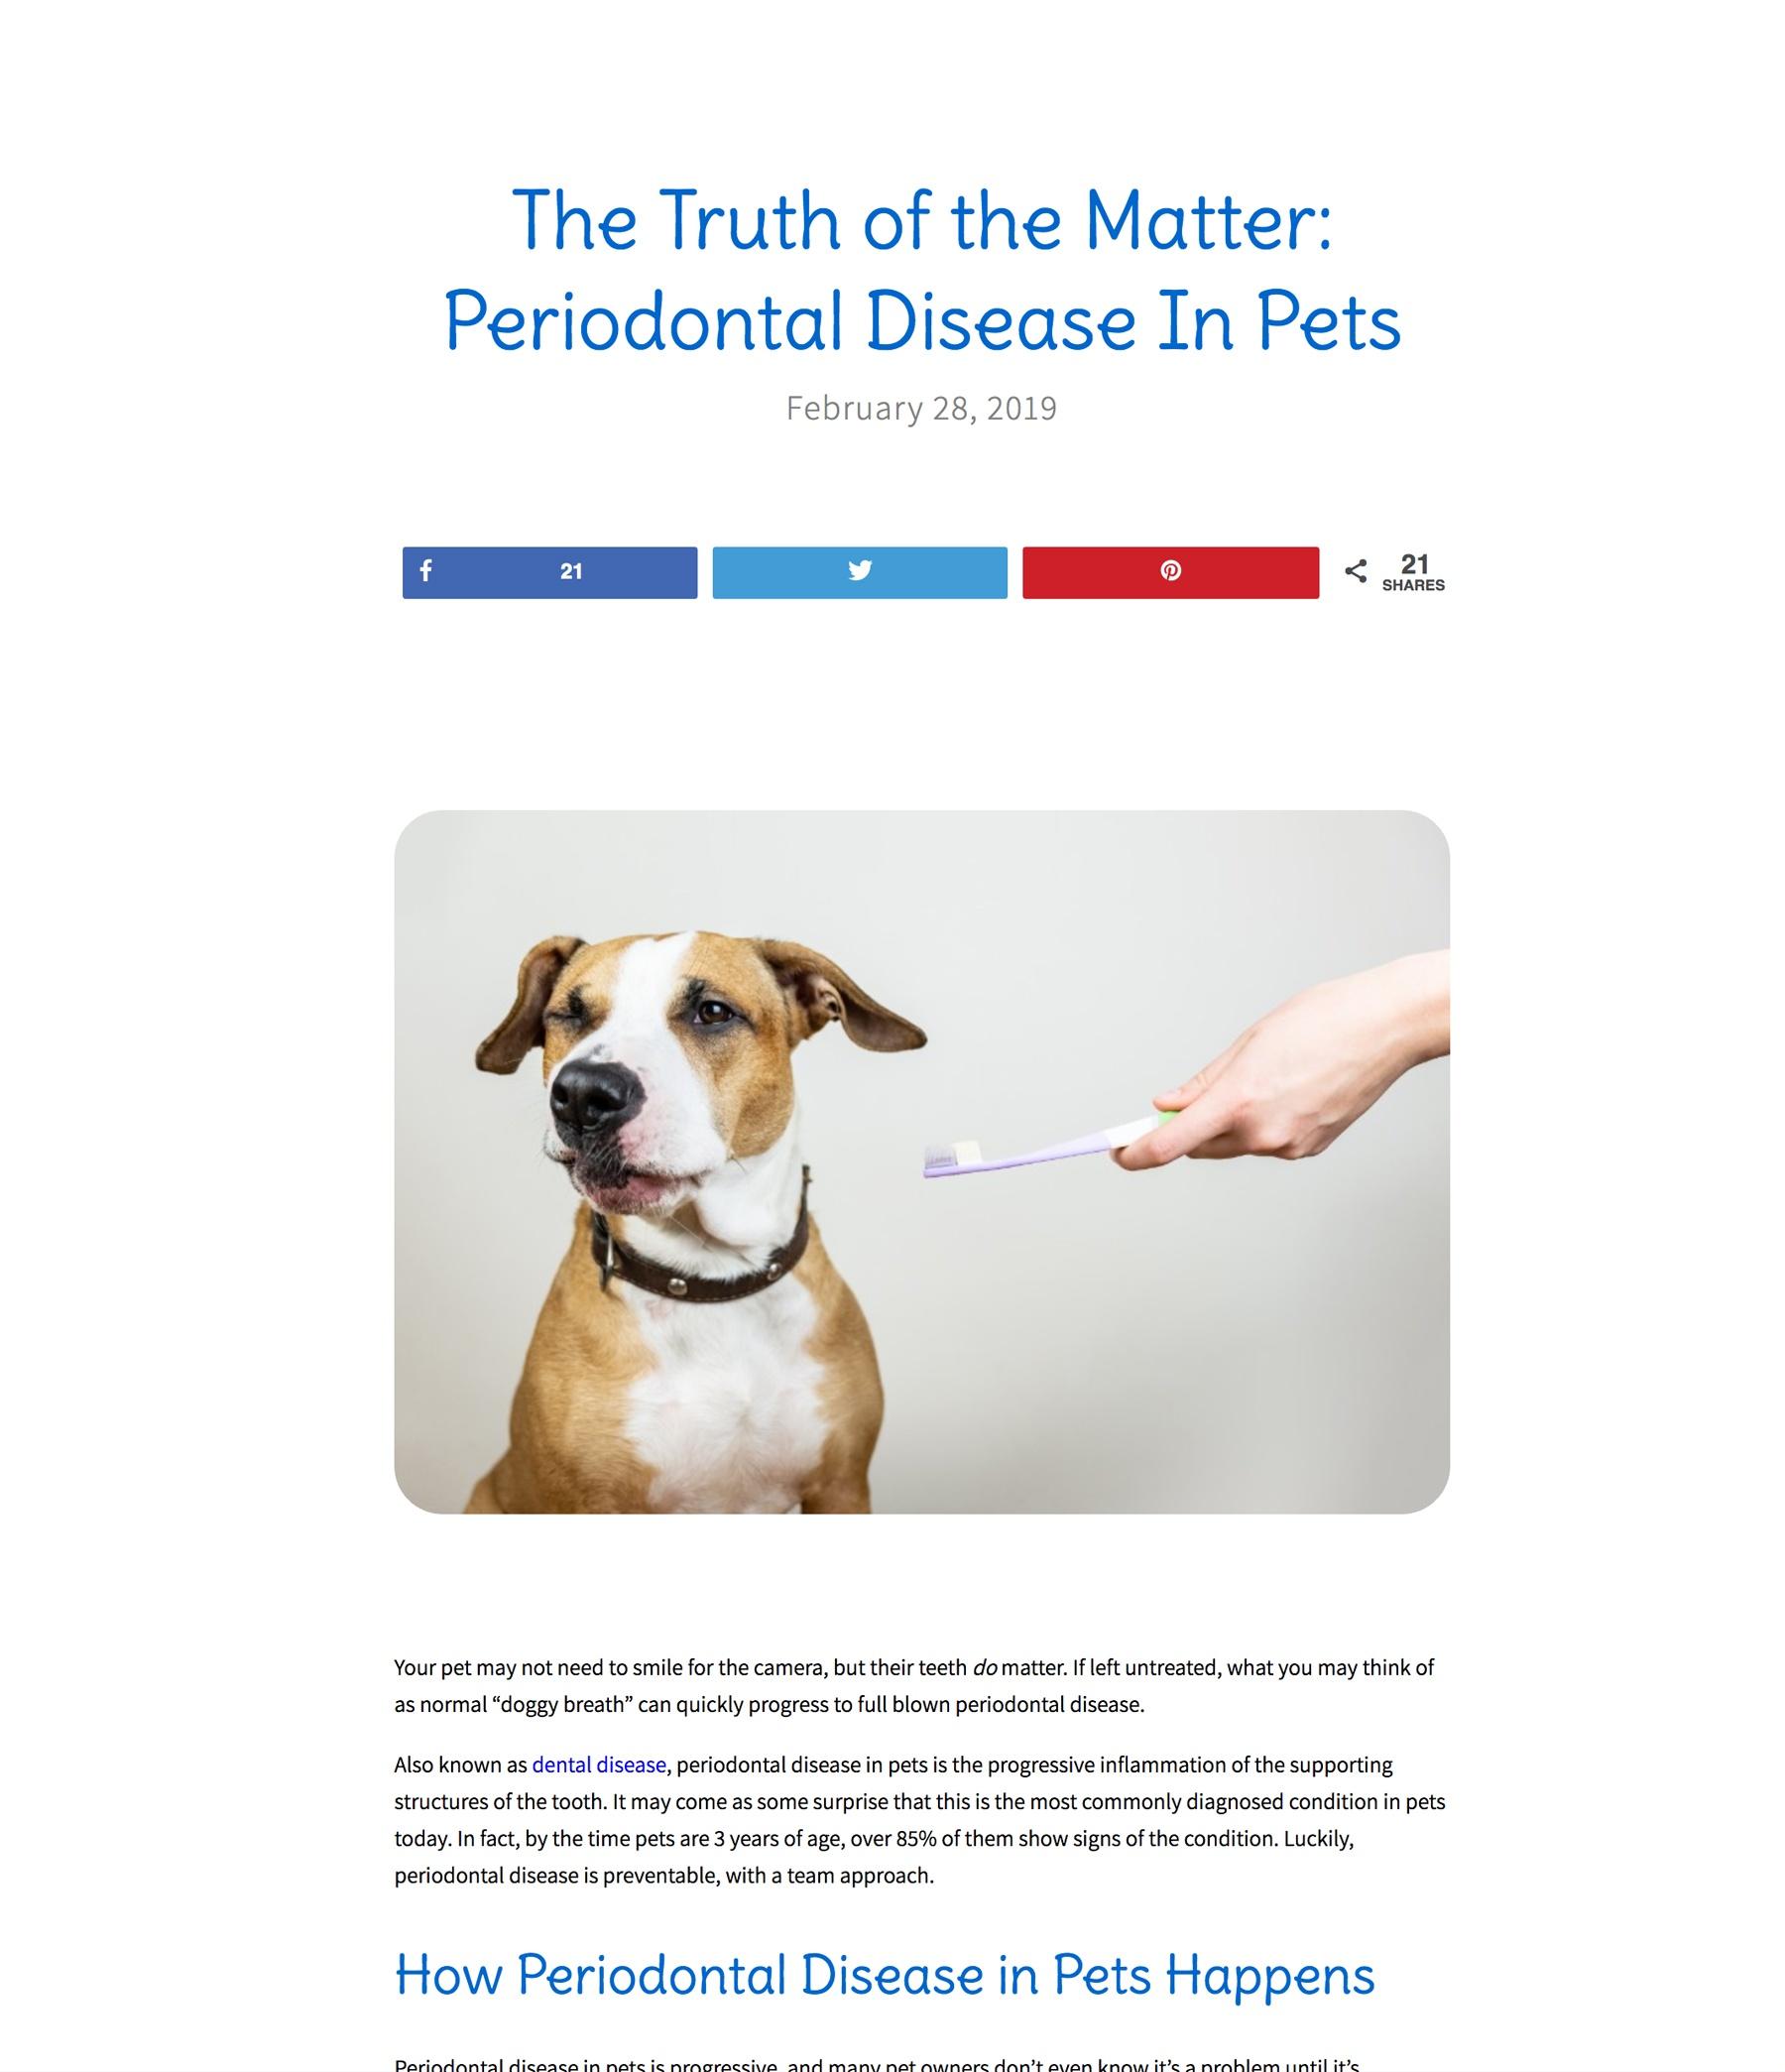 A screenshot of the blog user interface